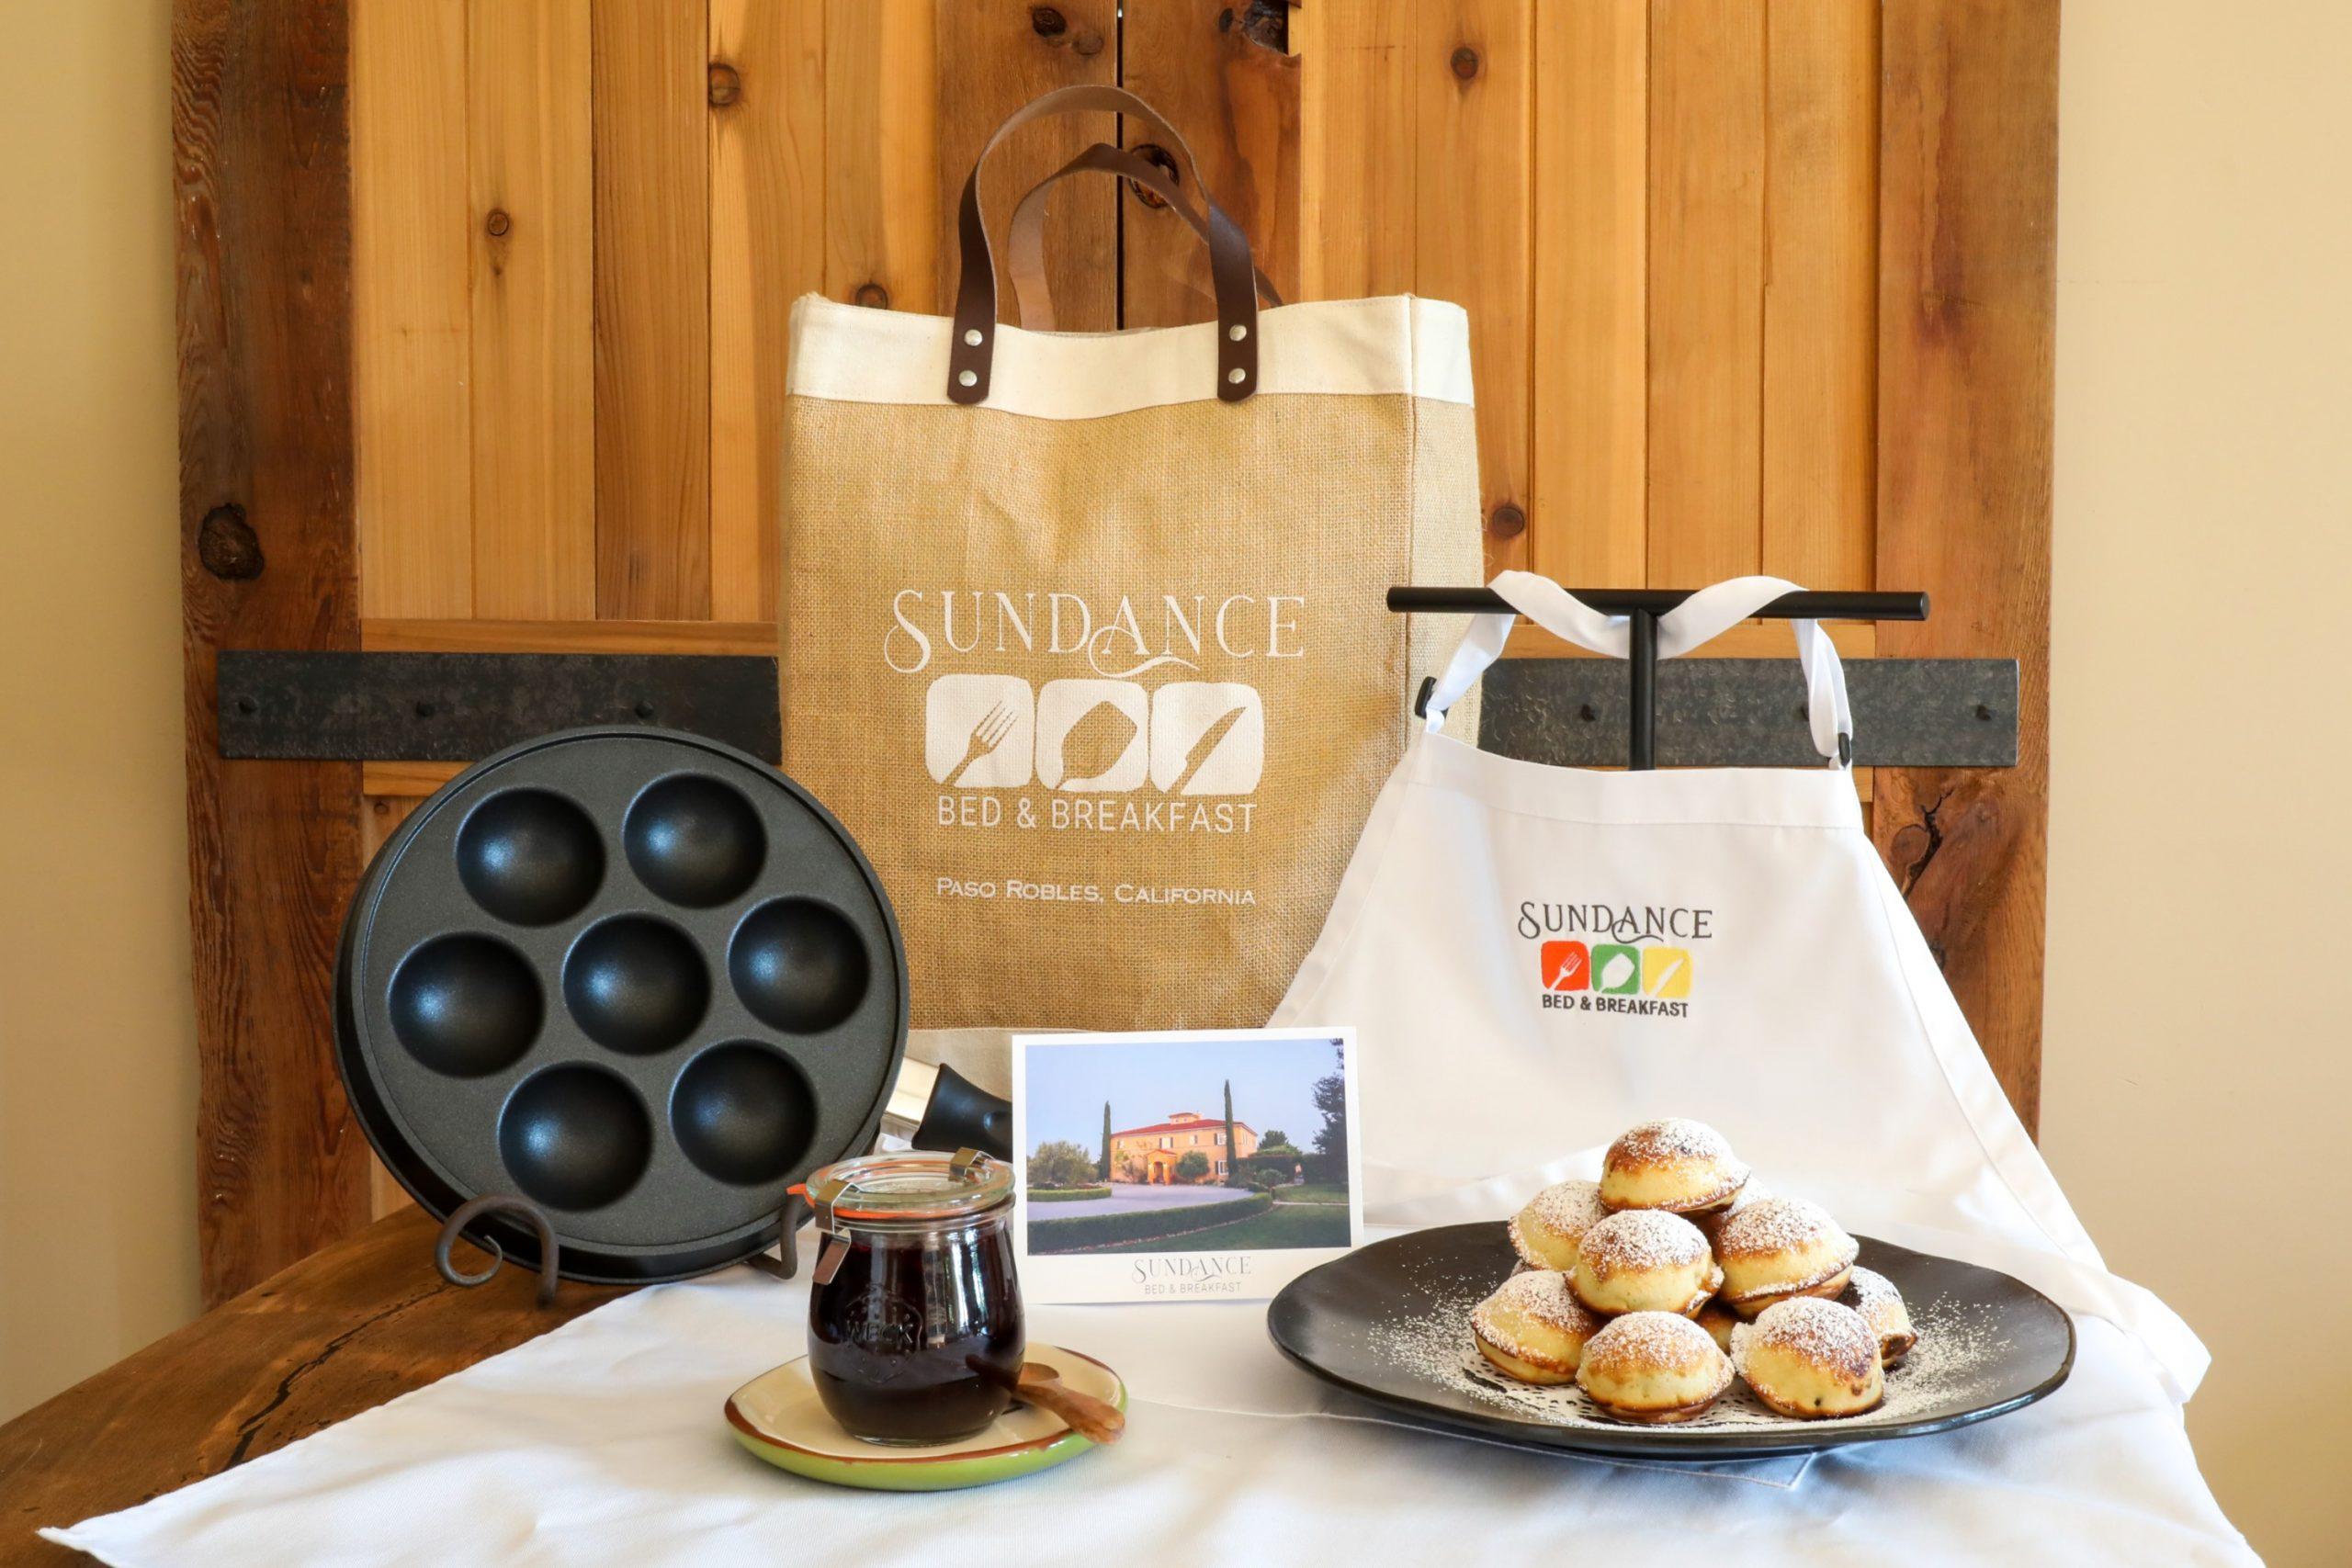 Sundance Gift Bundle